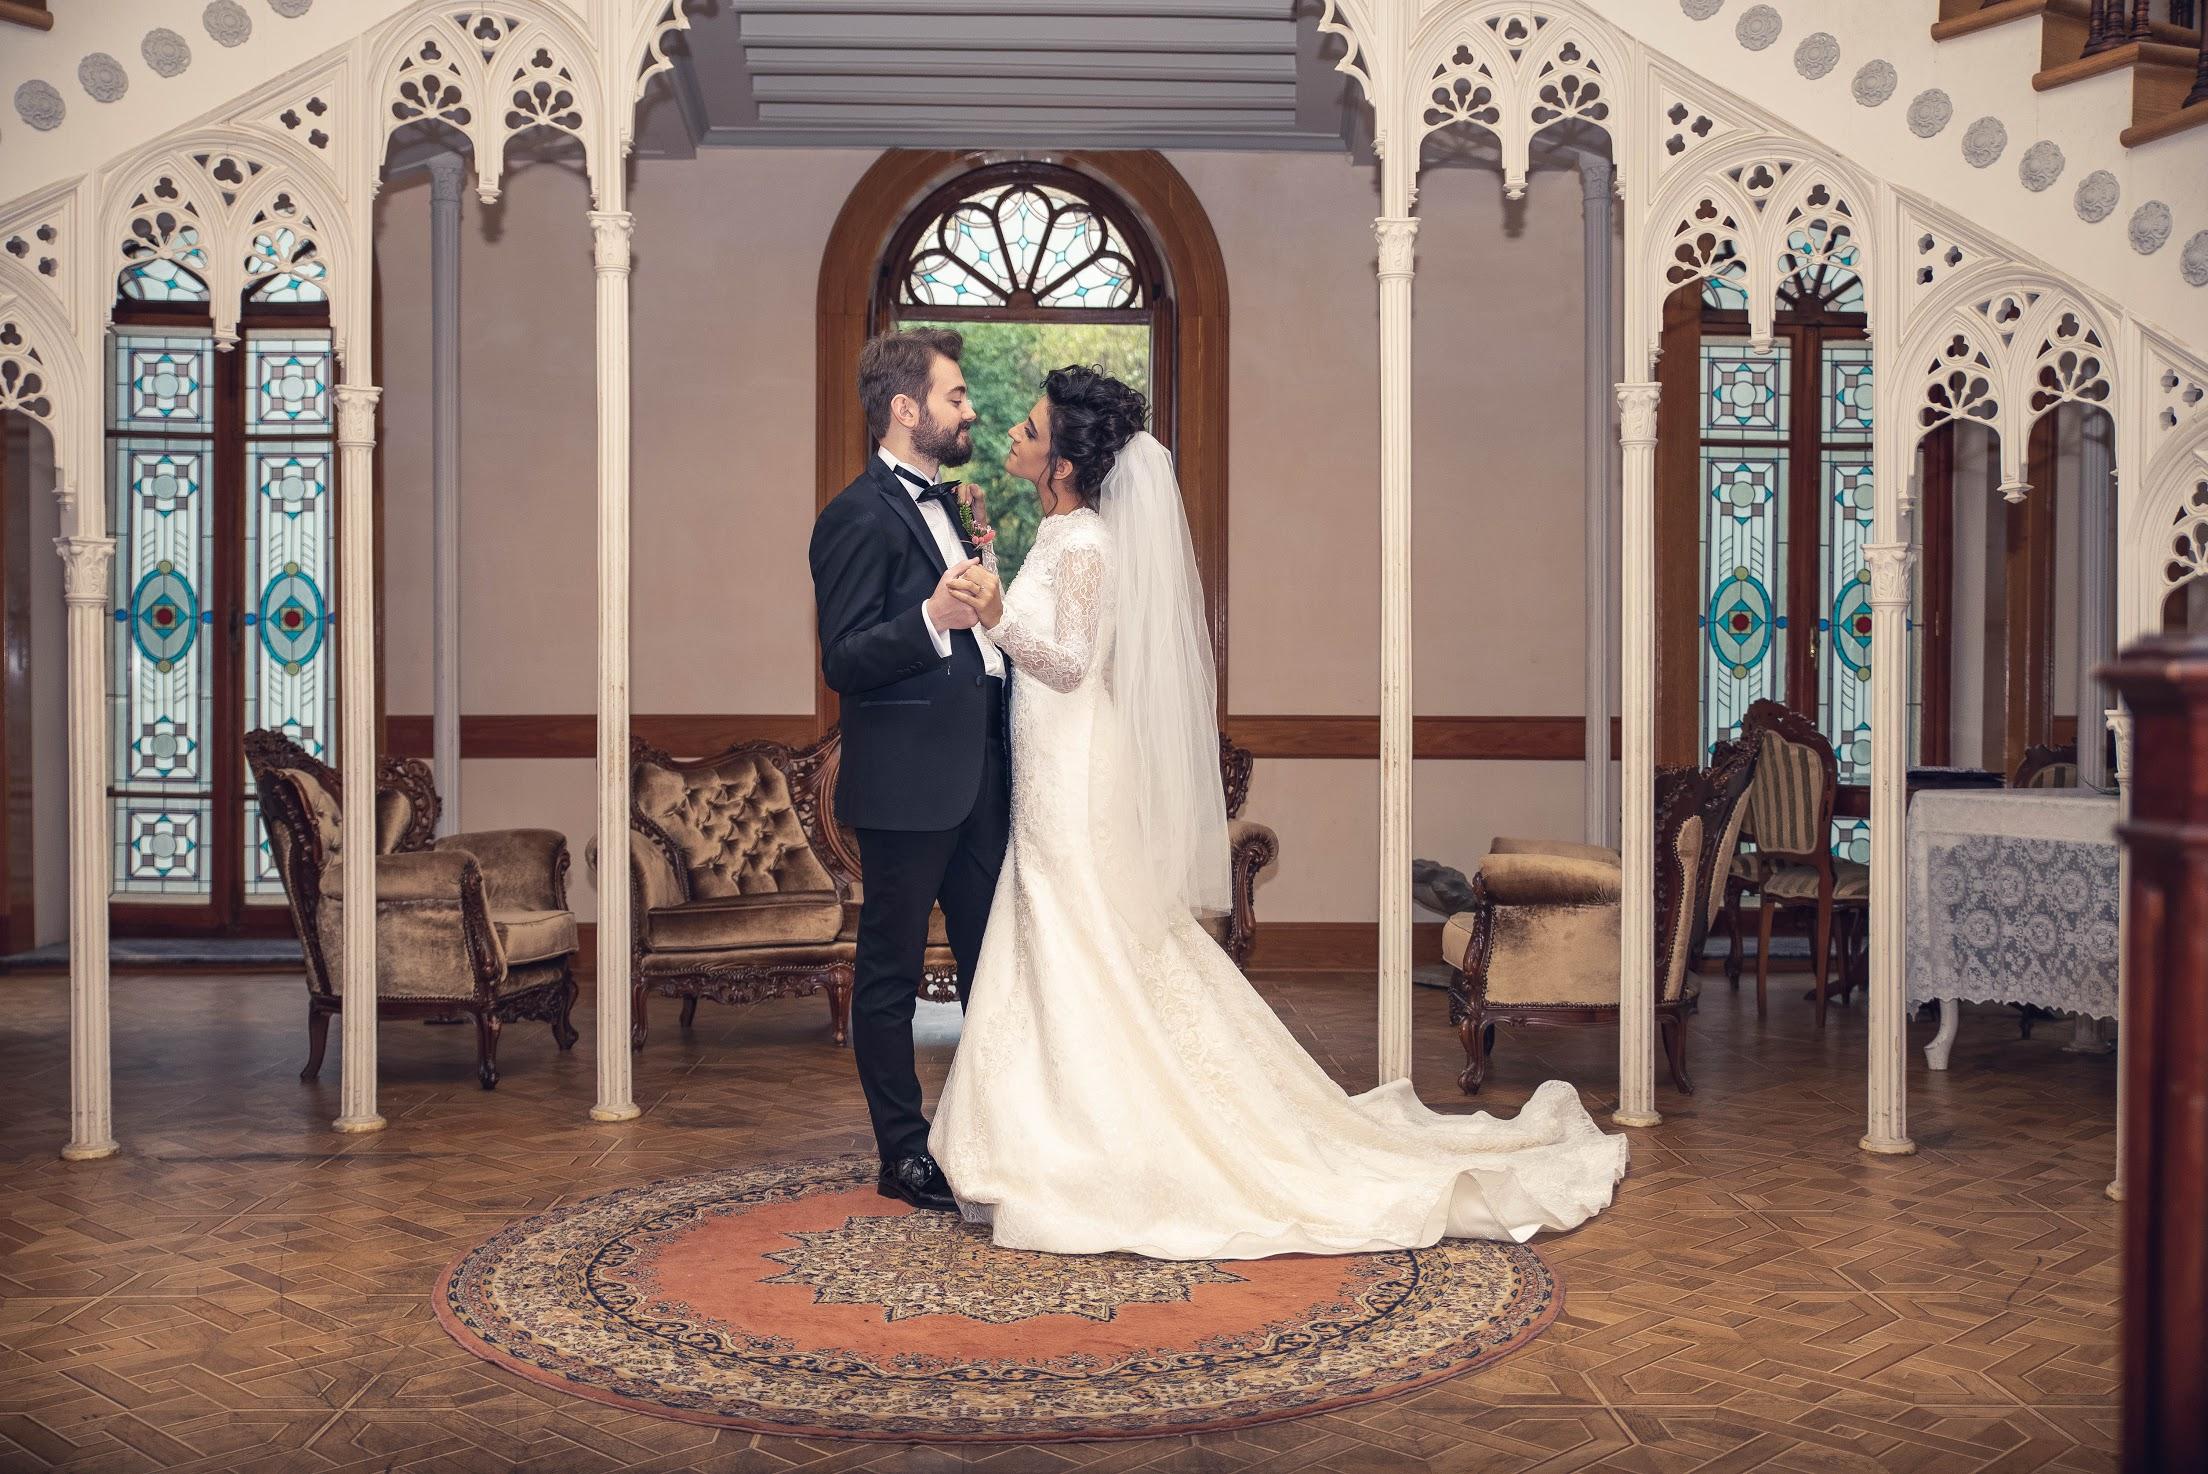 Adile sultan kasri öğretmen evi düğün fotoğraf çekimi Düğün fotoğrafcisi